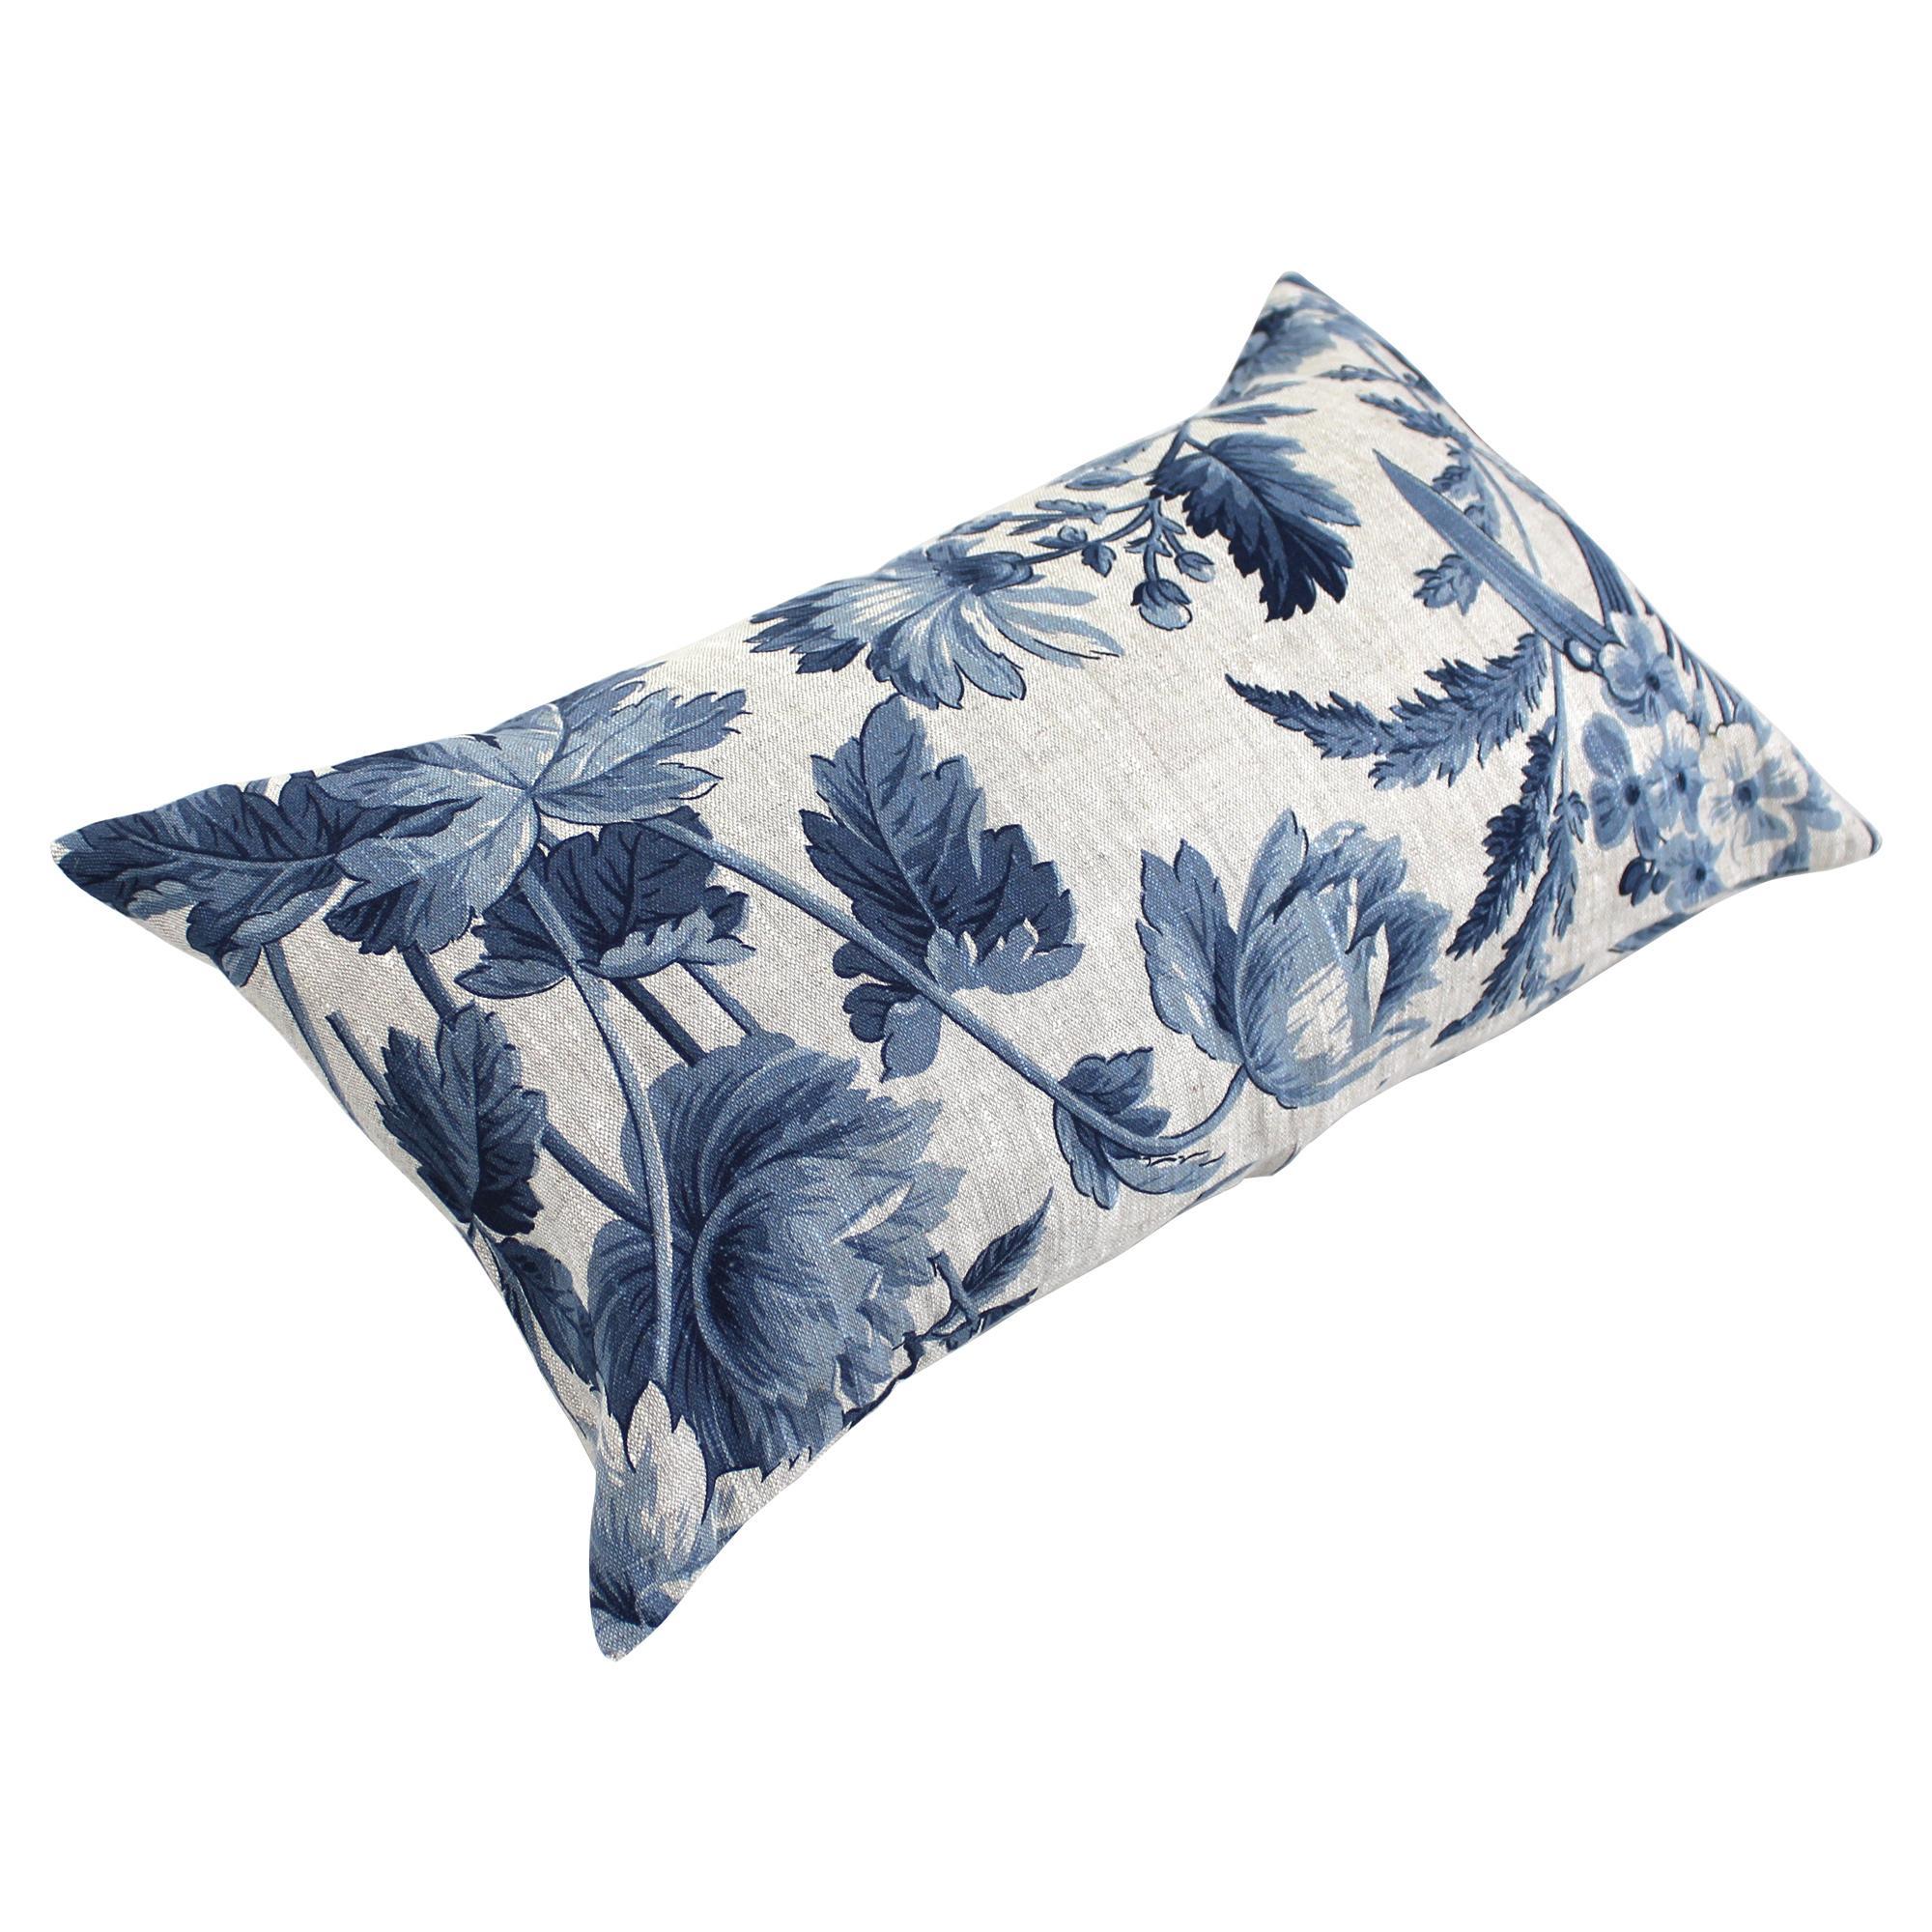 housse de coussin 30x50 cm cossito feuilles de bl 100 lin linnea linge de maison et. Black Bedroom Furniture Sets. Home Design Ideas